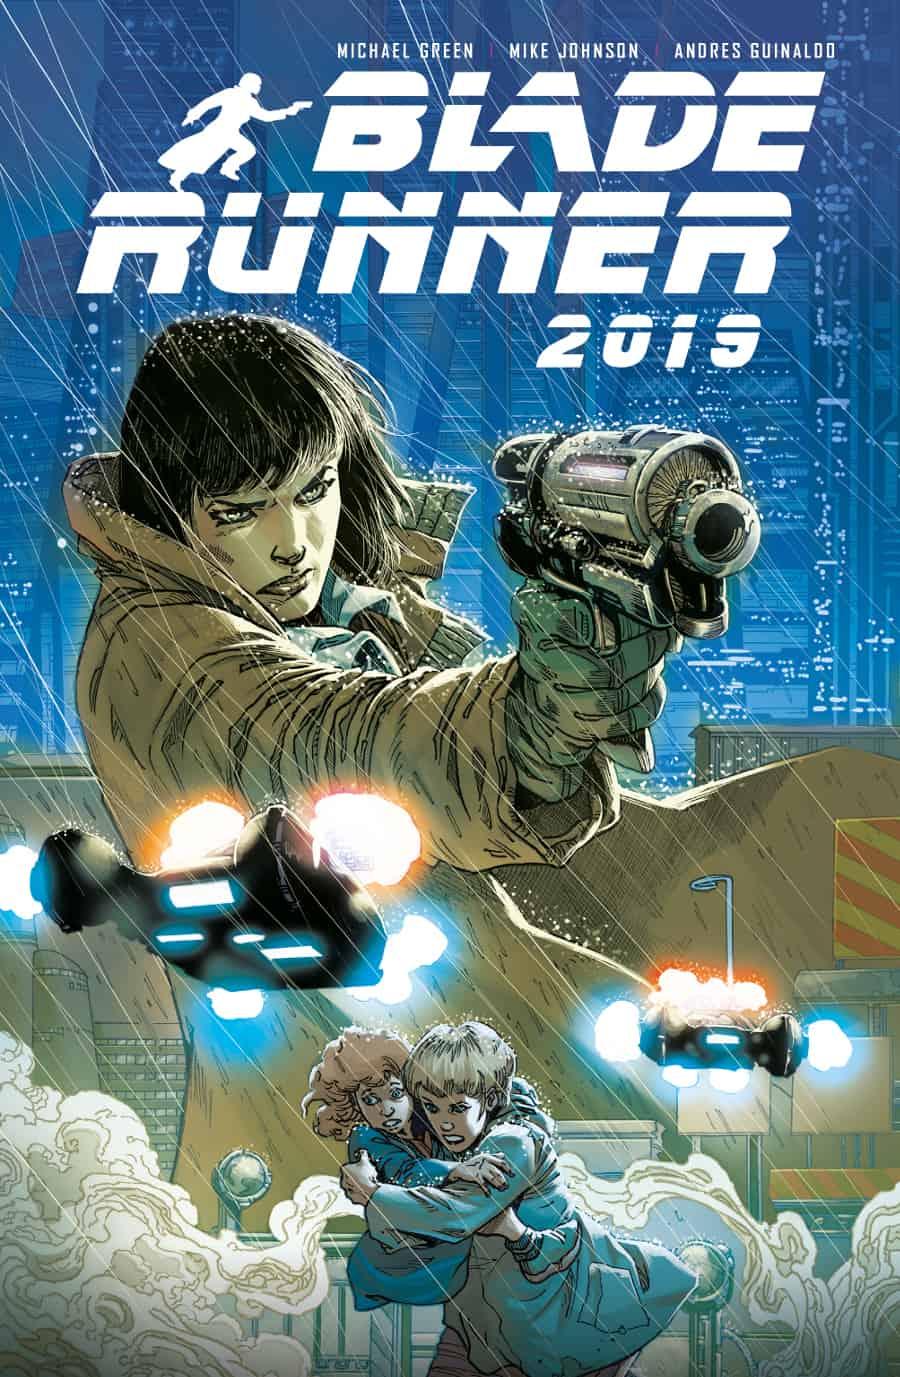 Blade Runner: 2019